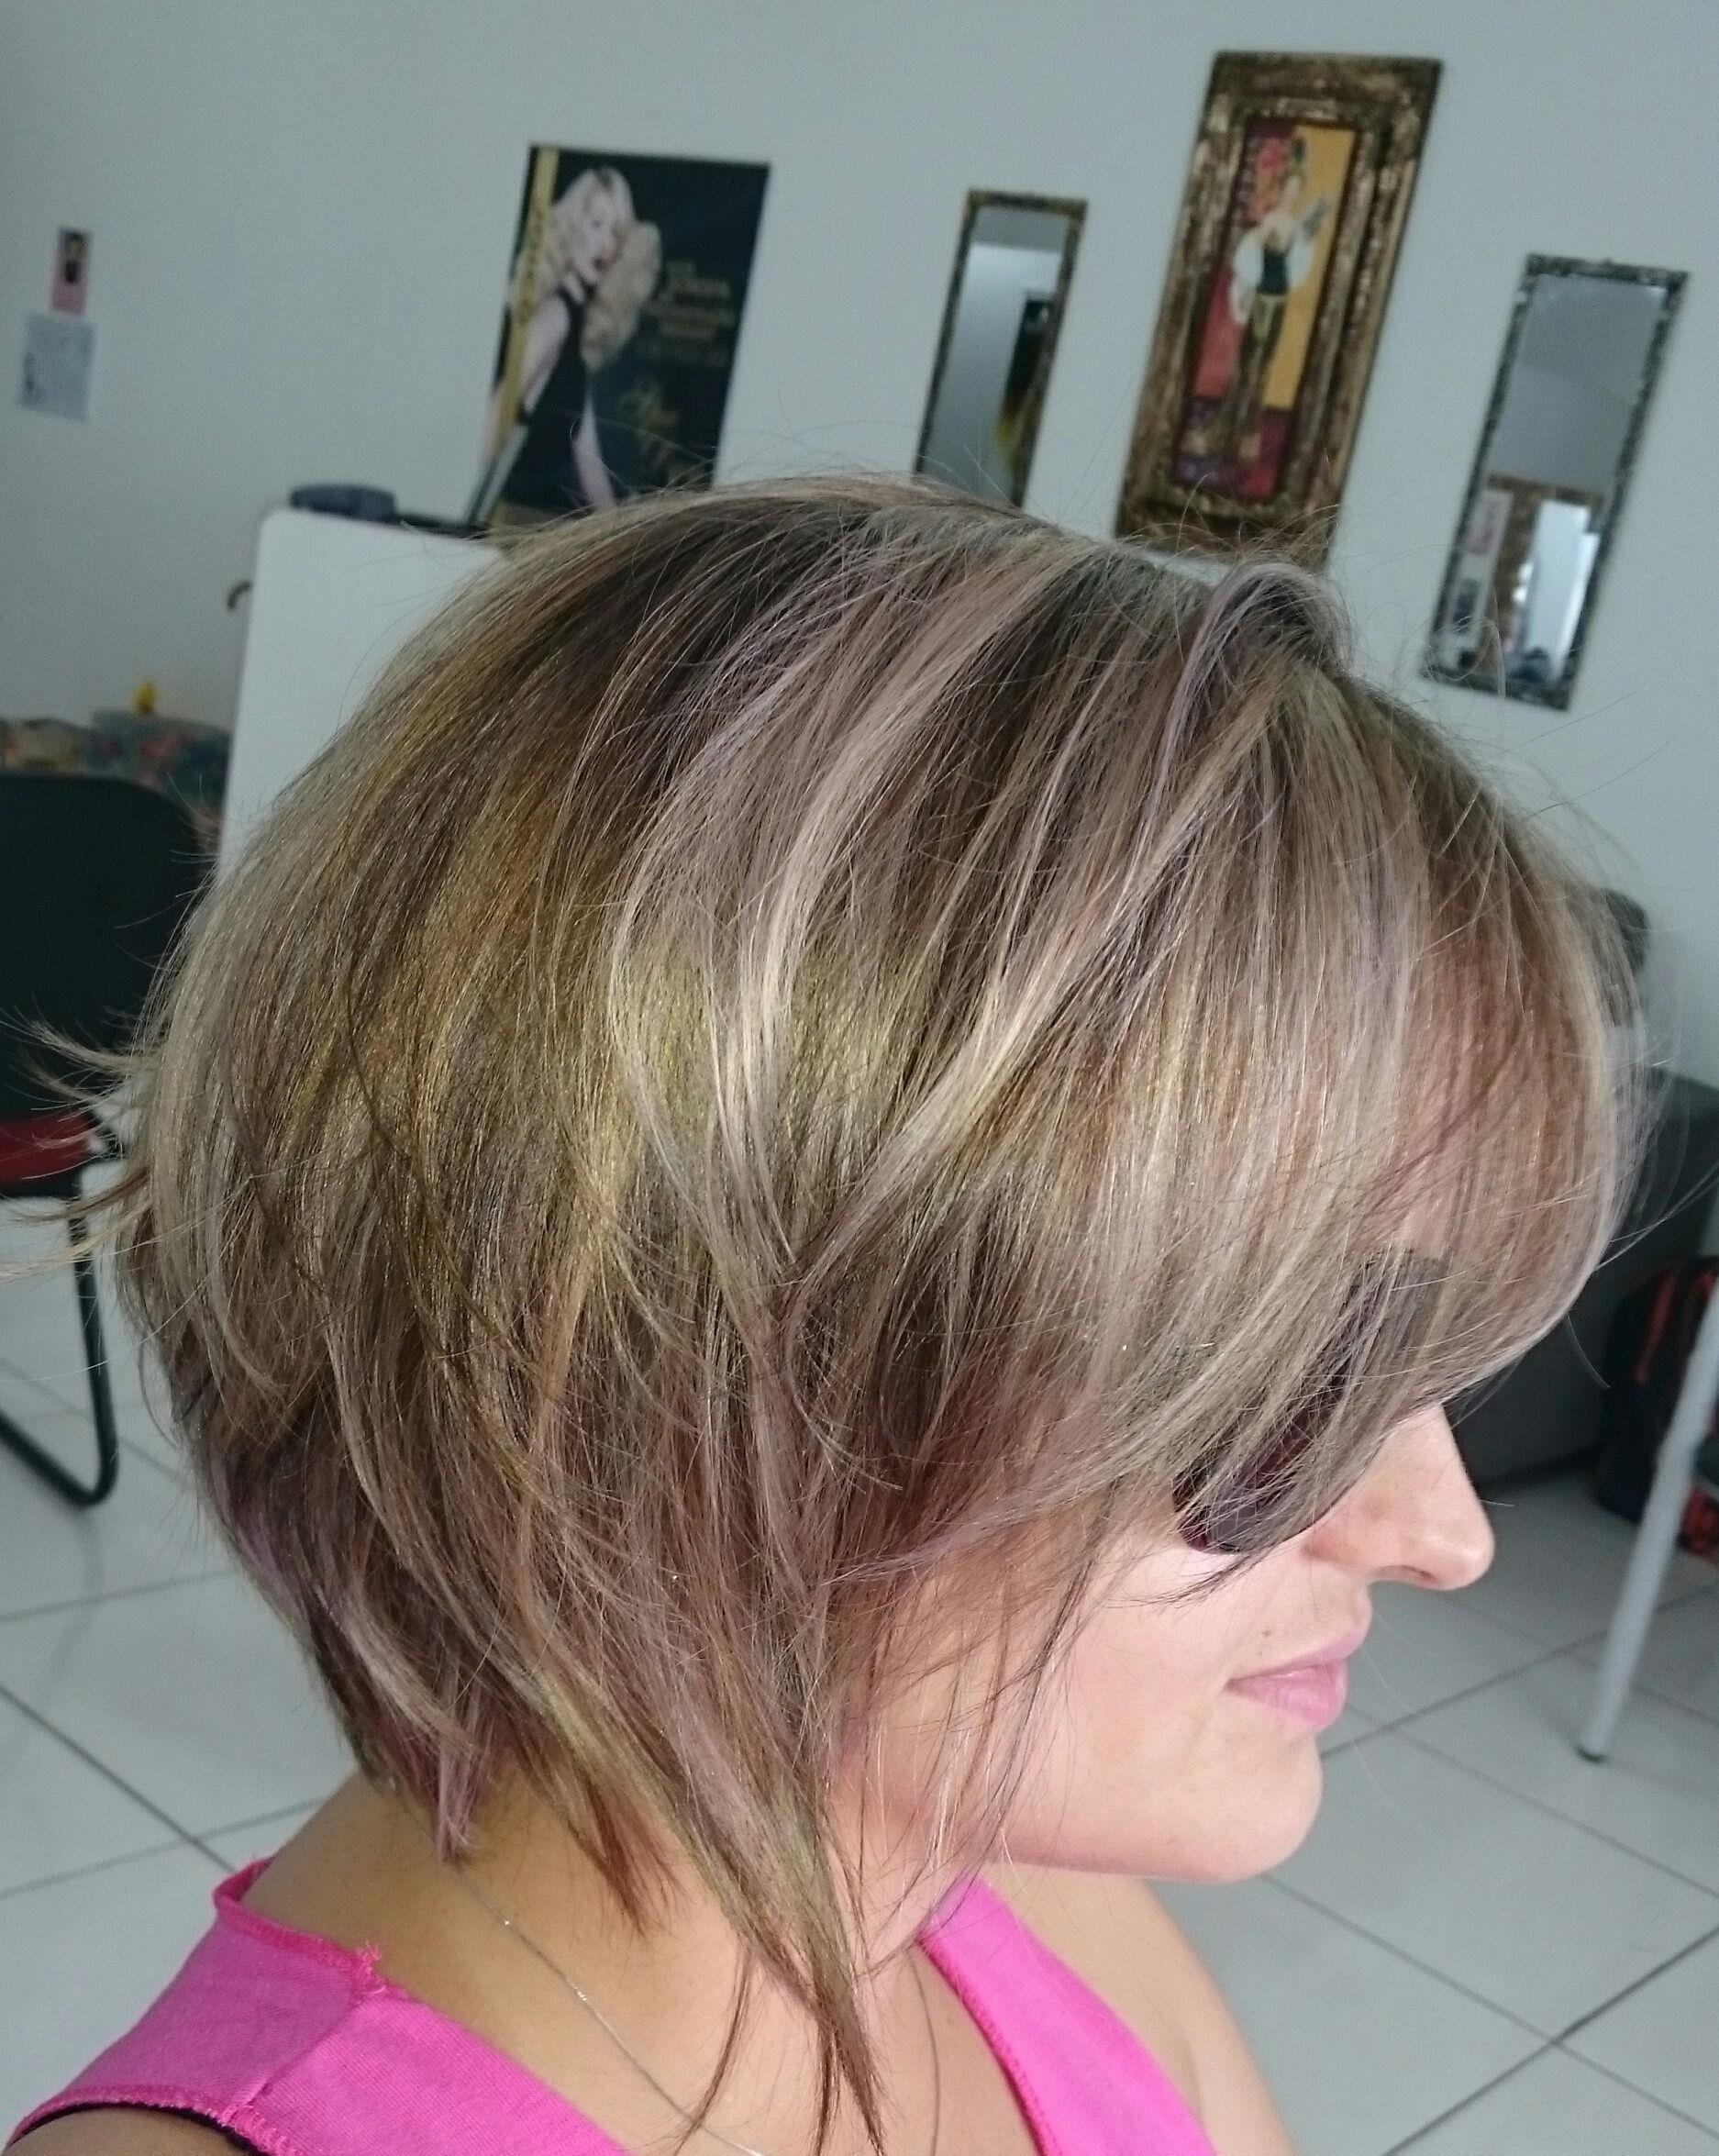 corte  cabelo  cabeleireiro(a) empresário(a) / dono de negócio manicure e pedicure maquiador(a) revendedor(a)